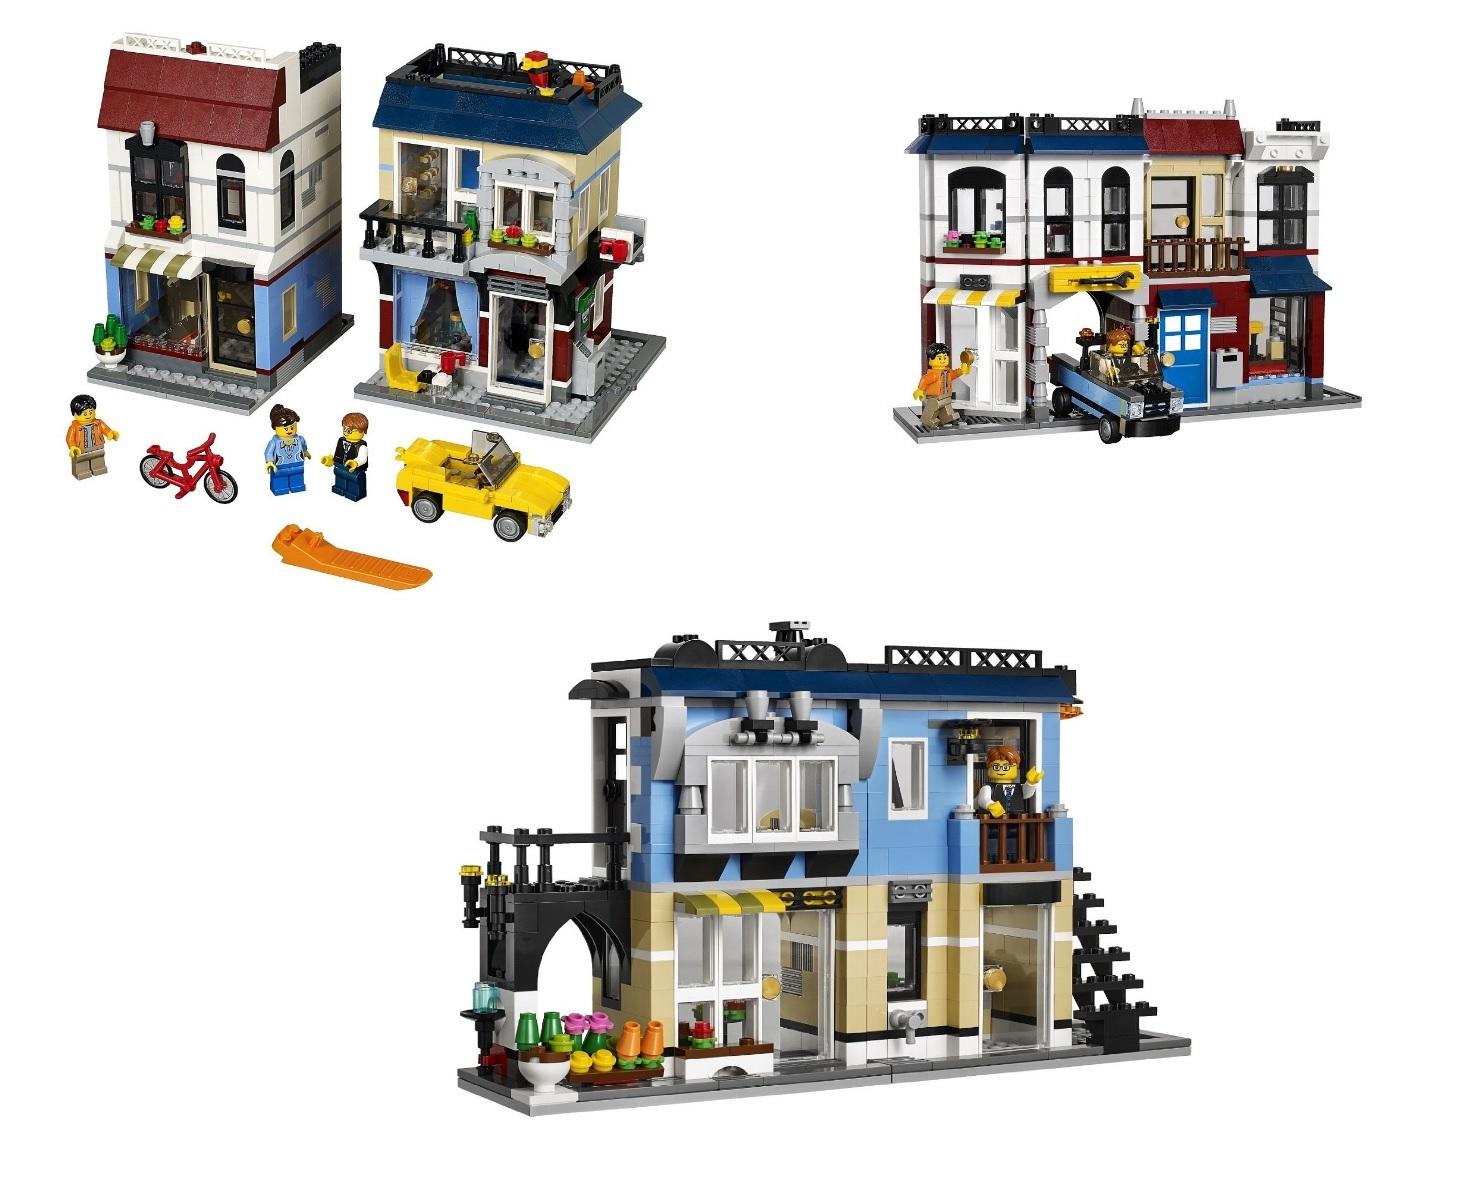 Lego City Bike Shop And Cafe